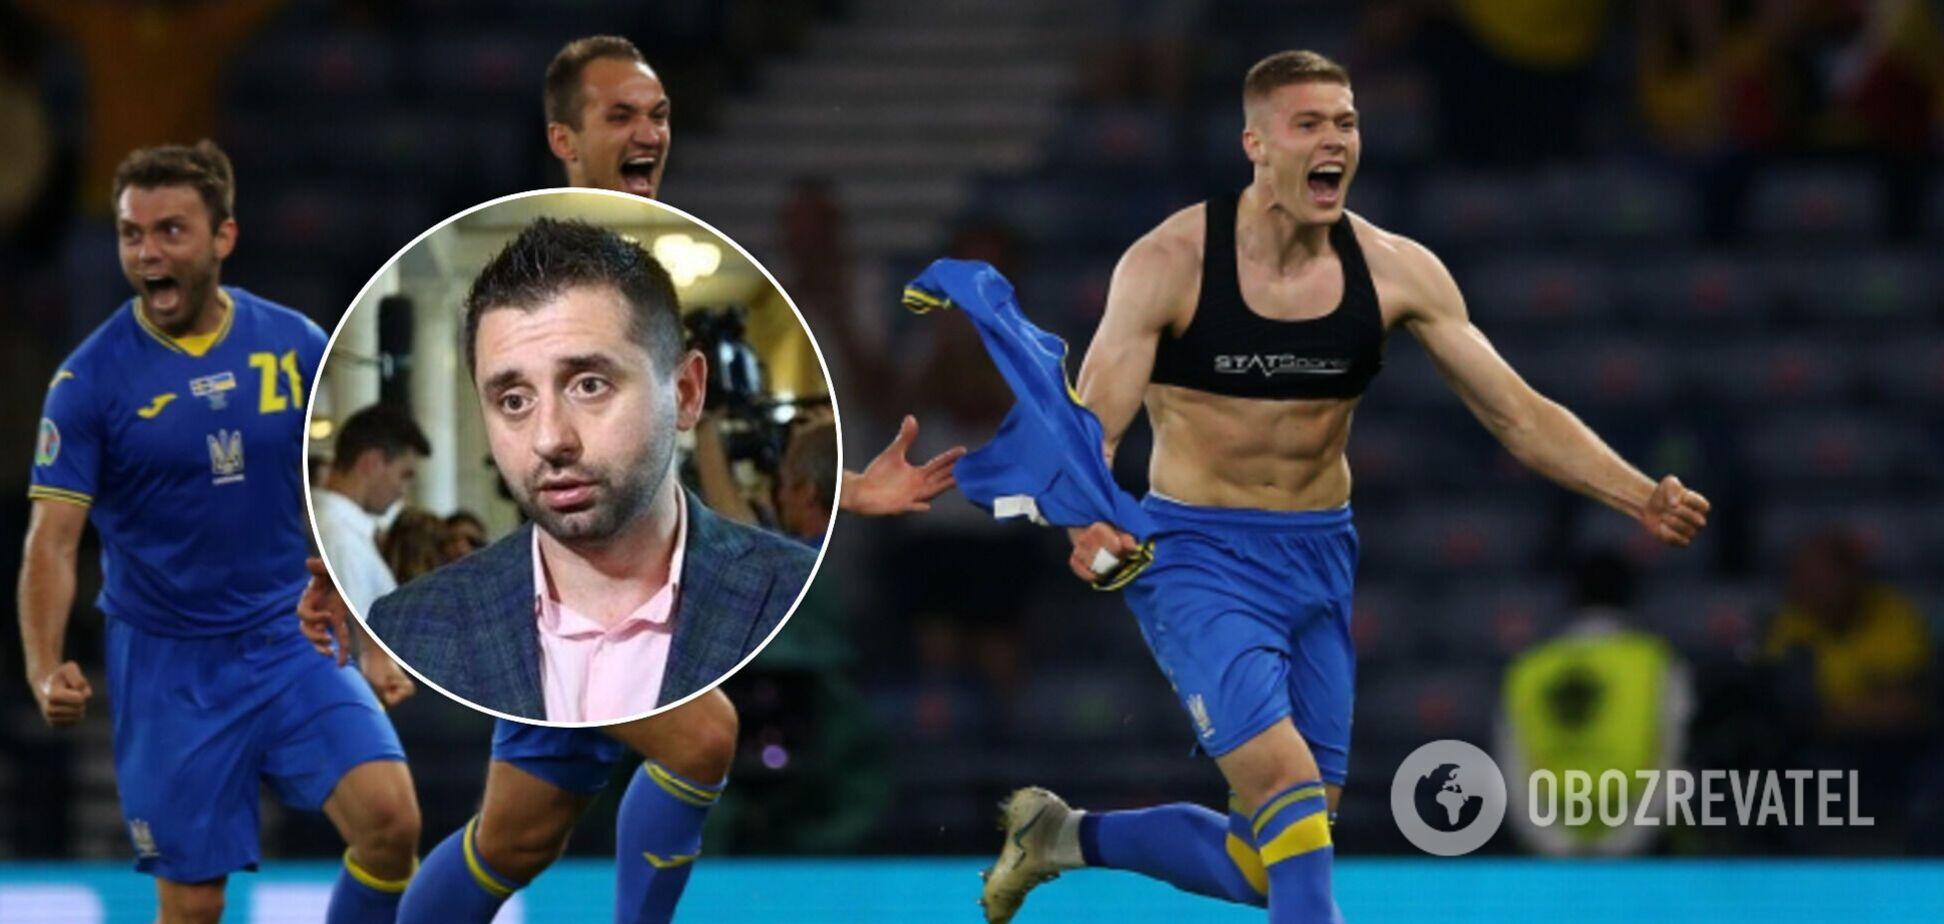 У Раді оплесками привітали збірну України, а Арахамія розповів, як вгадав рахунок. Відео